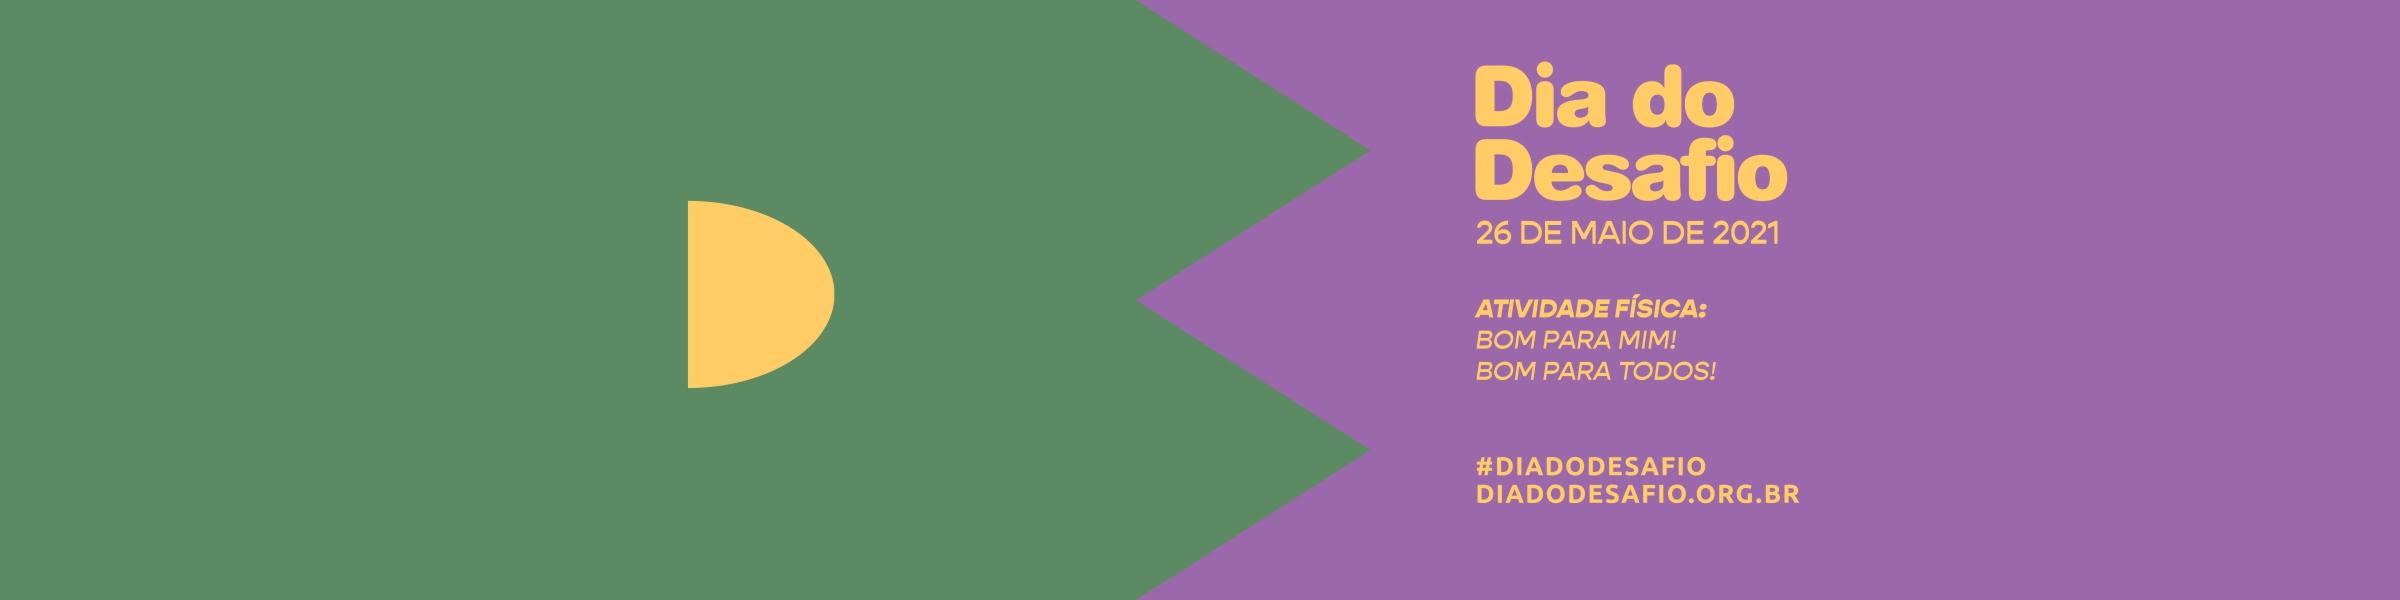 Sesc promove a 27ª edição do Dia do Desafio